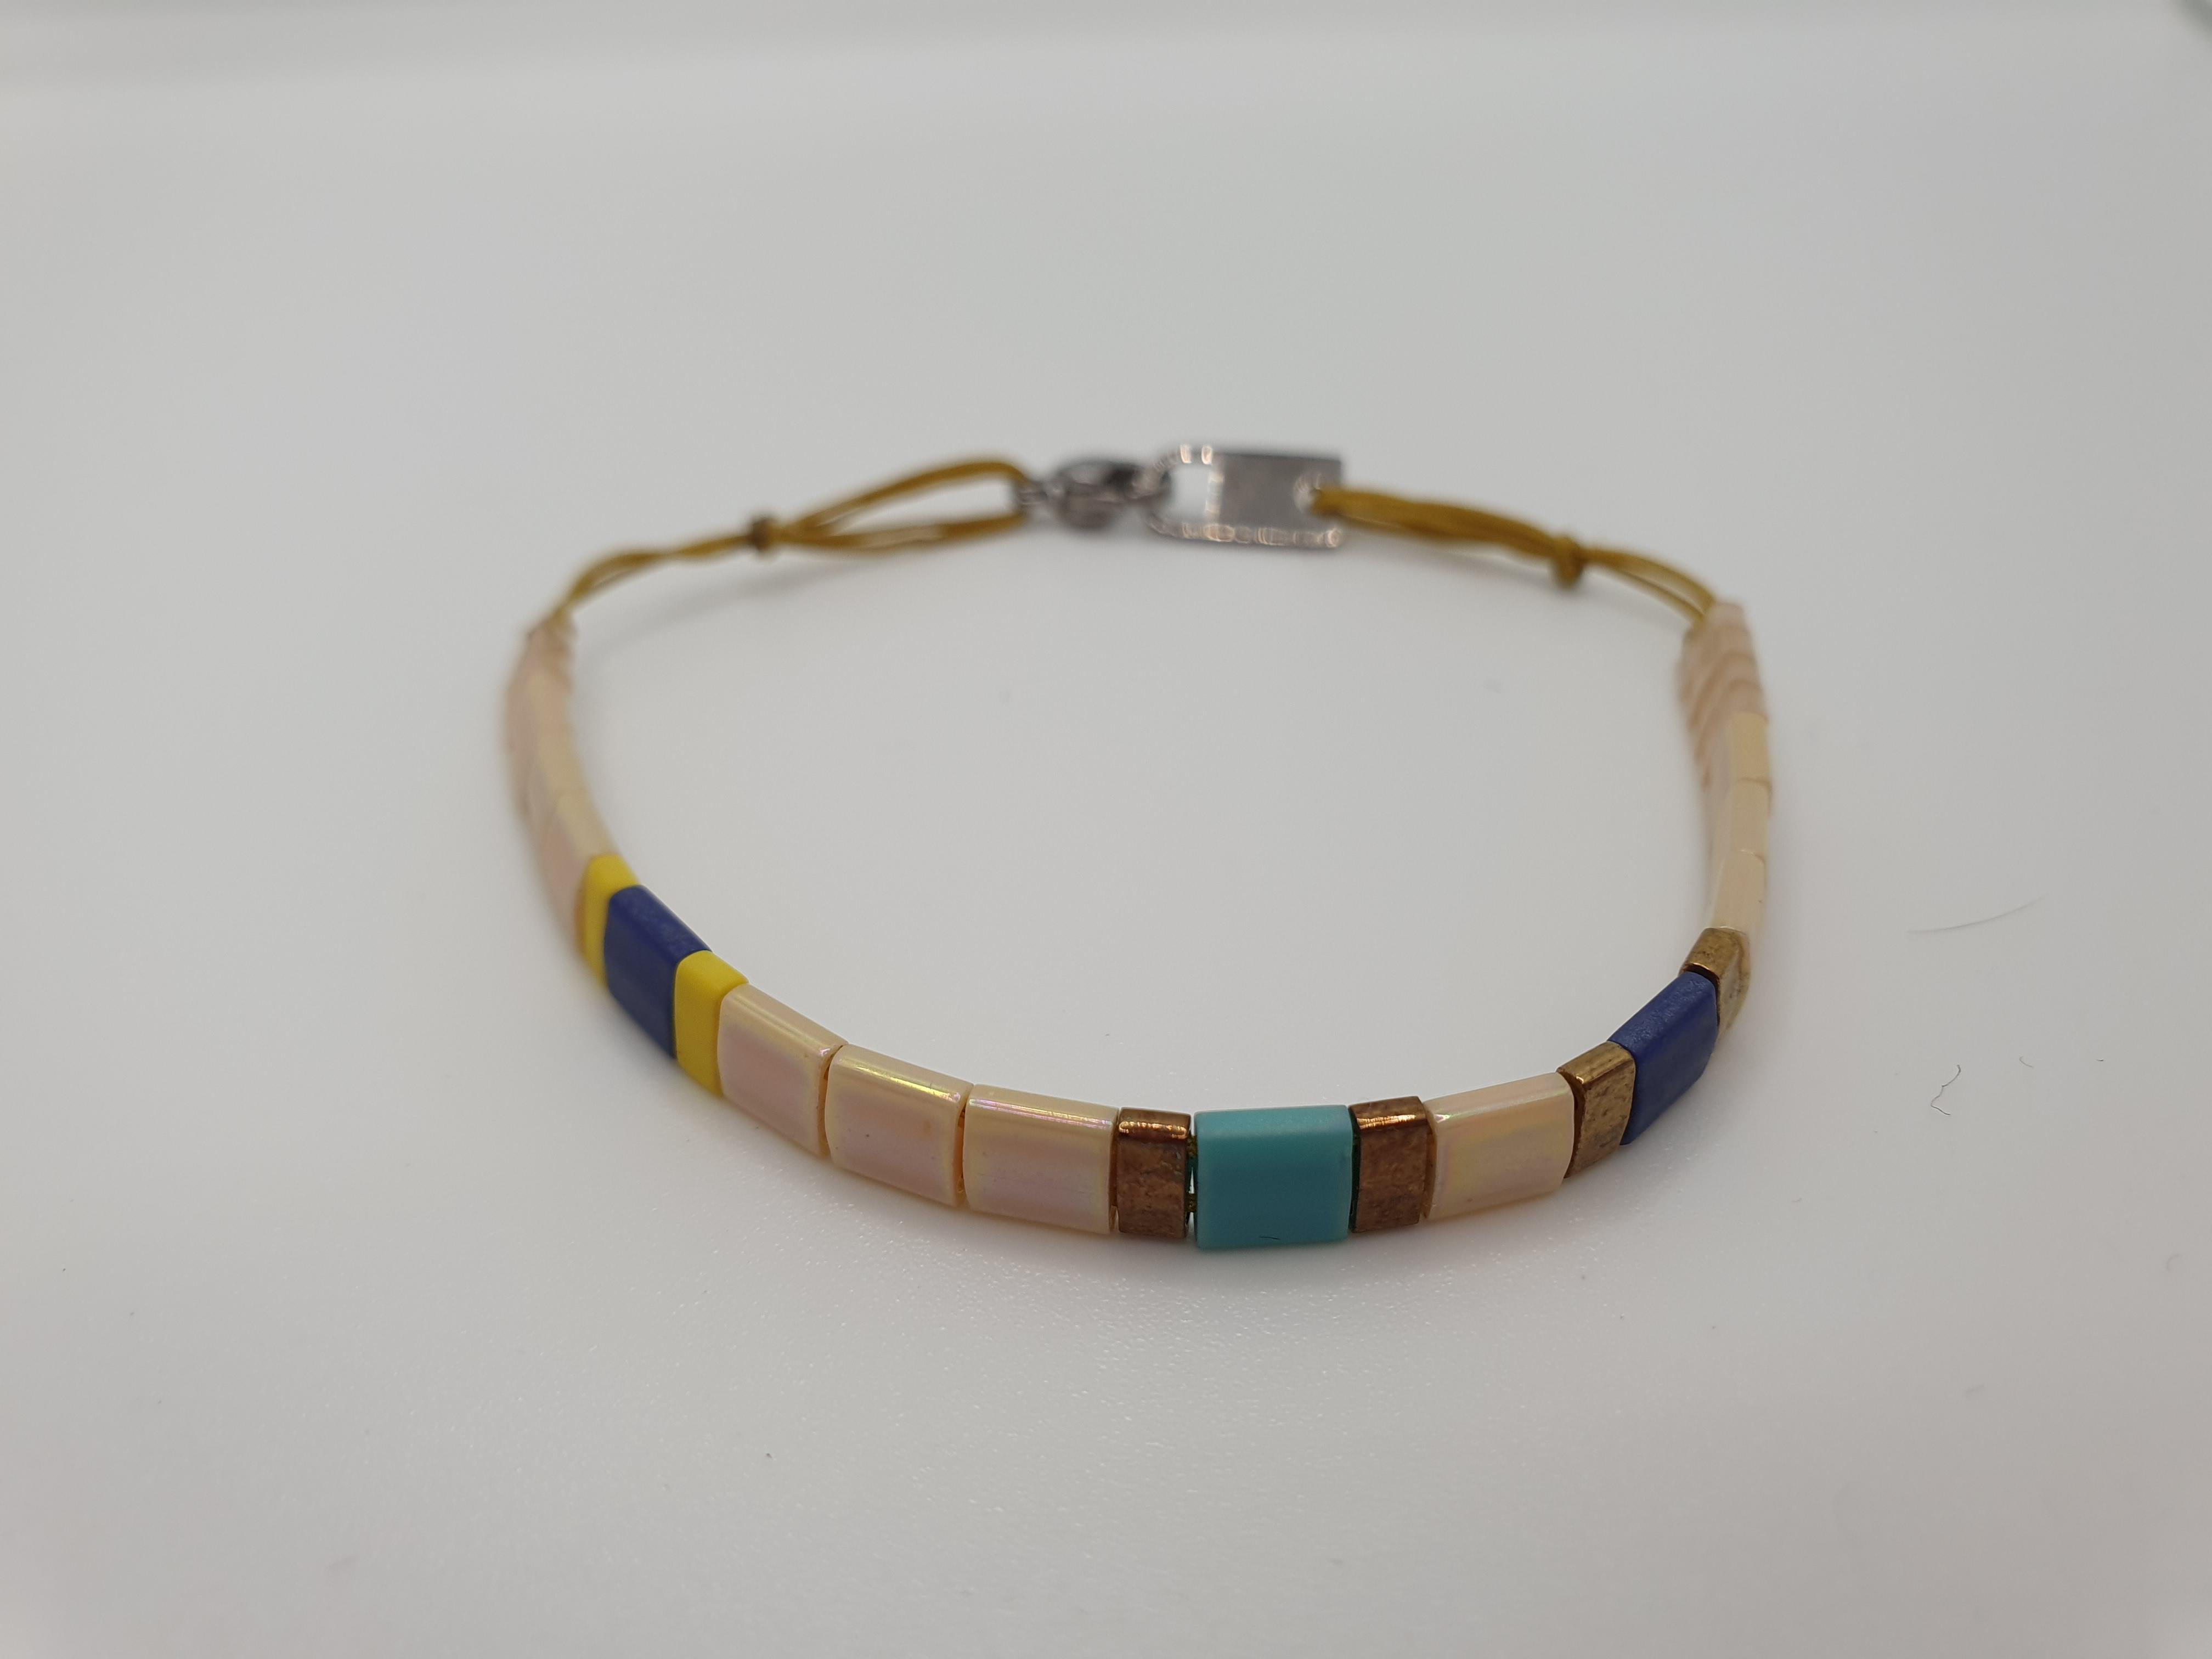 Armband Plättchen beige, blau, türkis, silberfarben